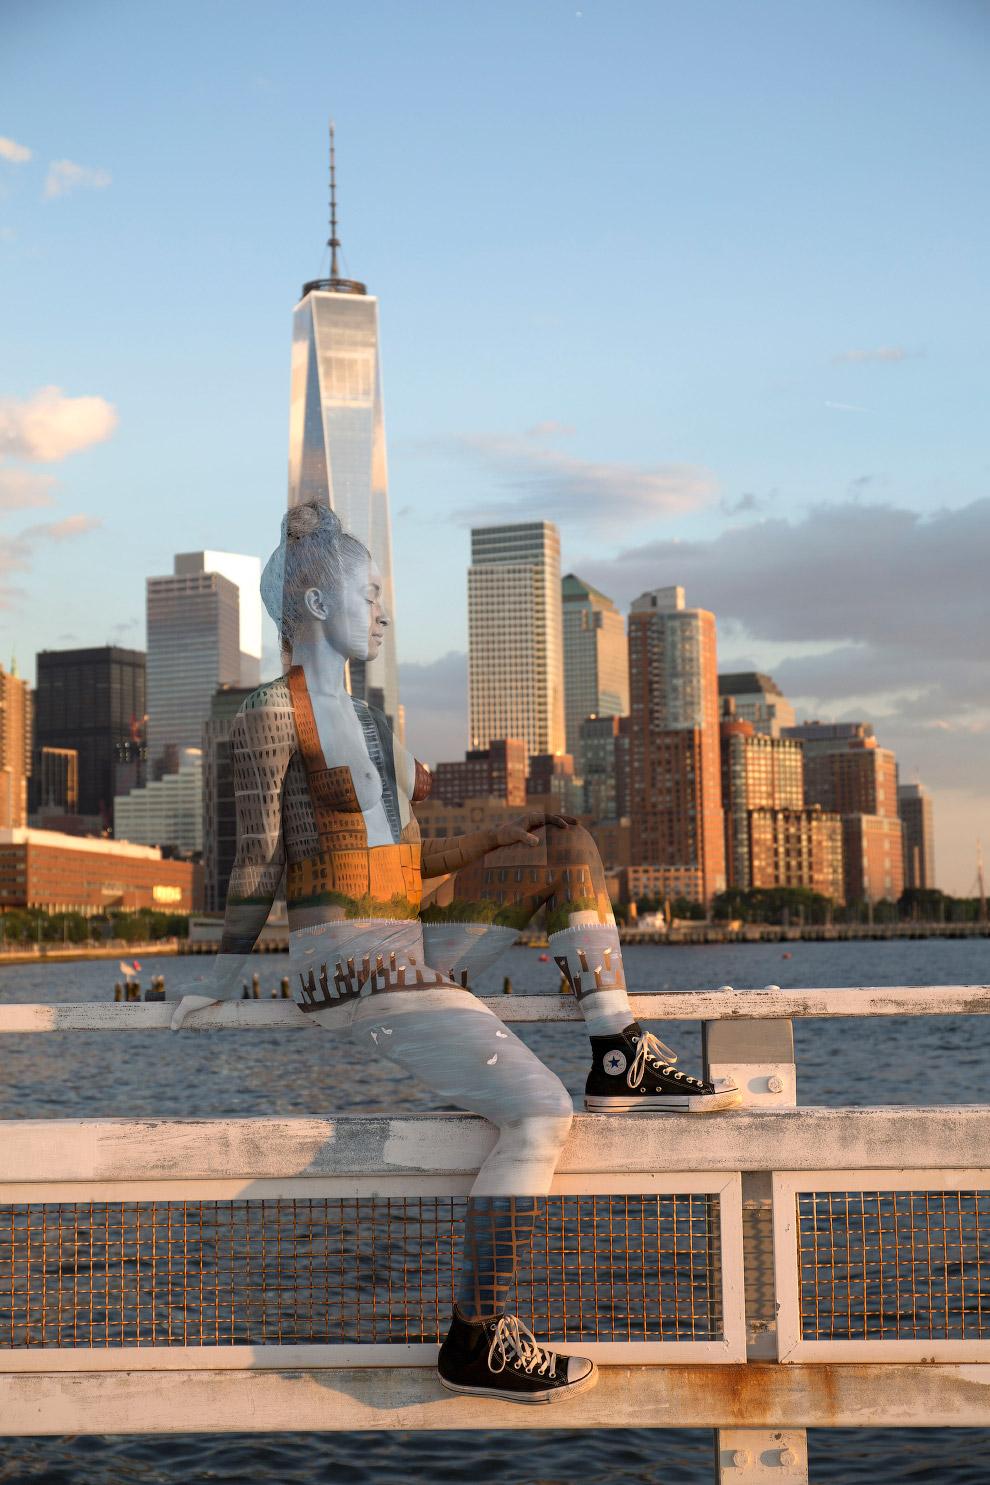 Городской пейзаж Нью-Йорка